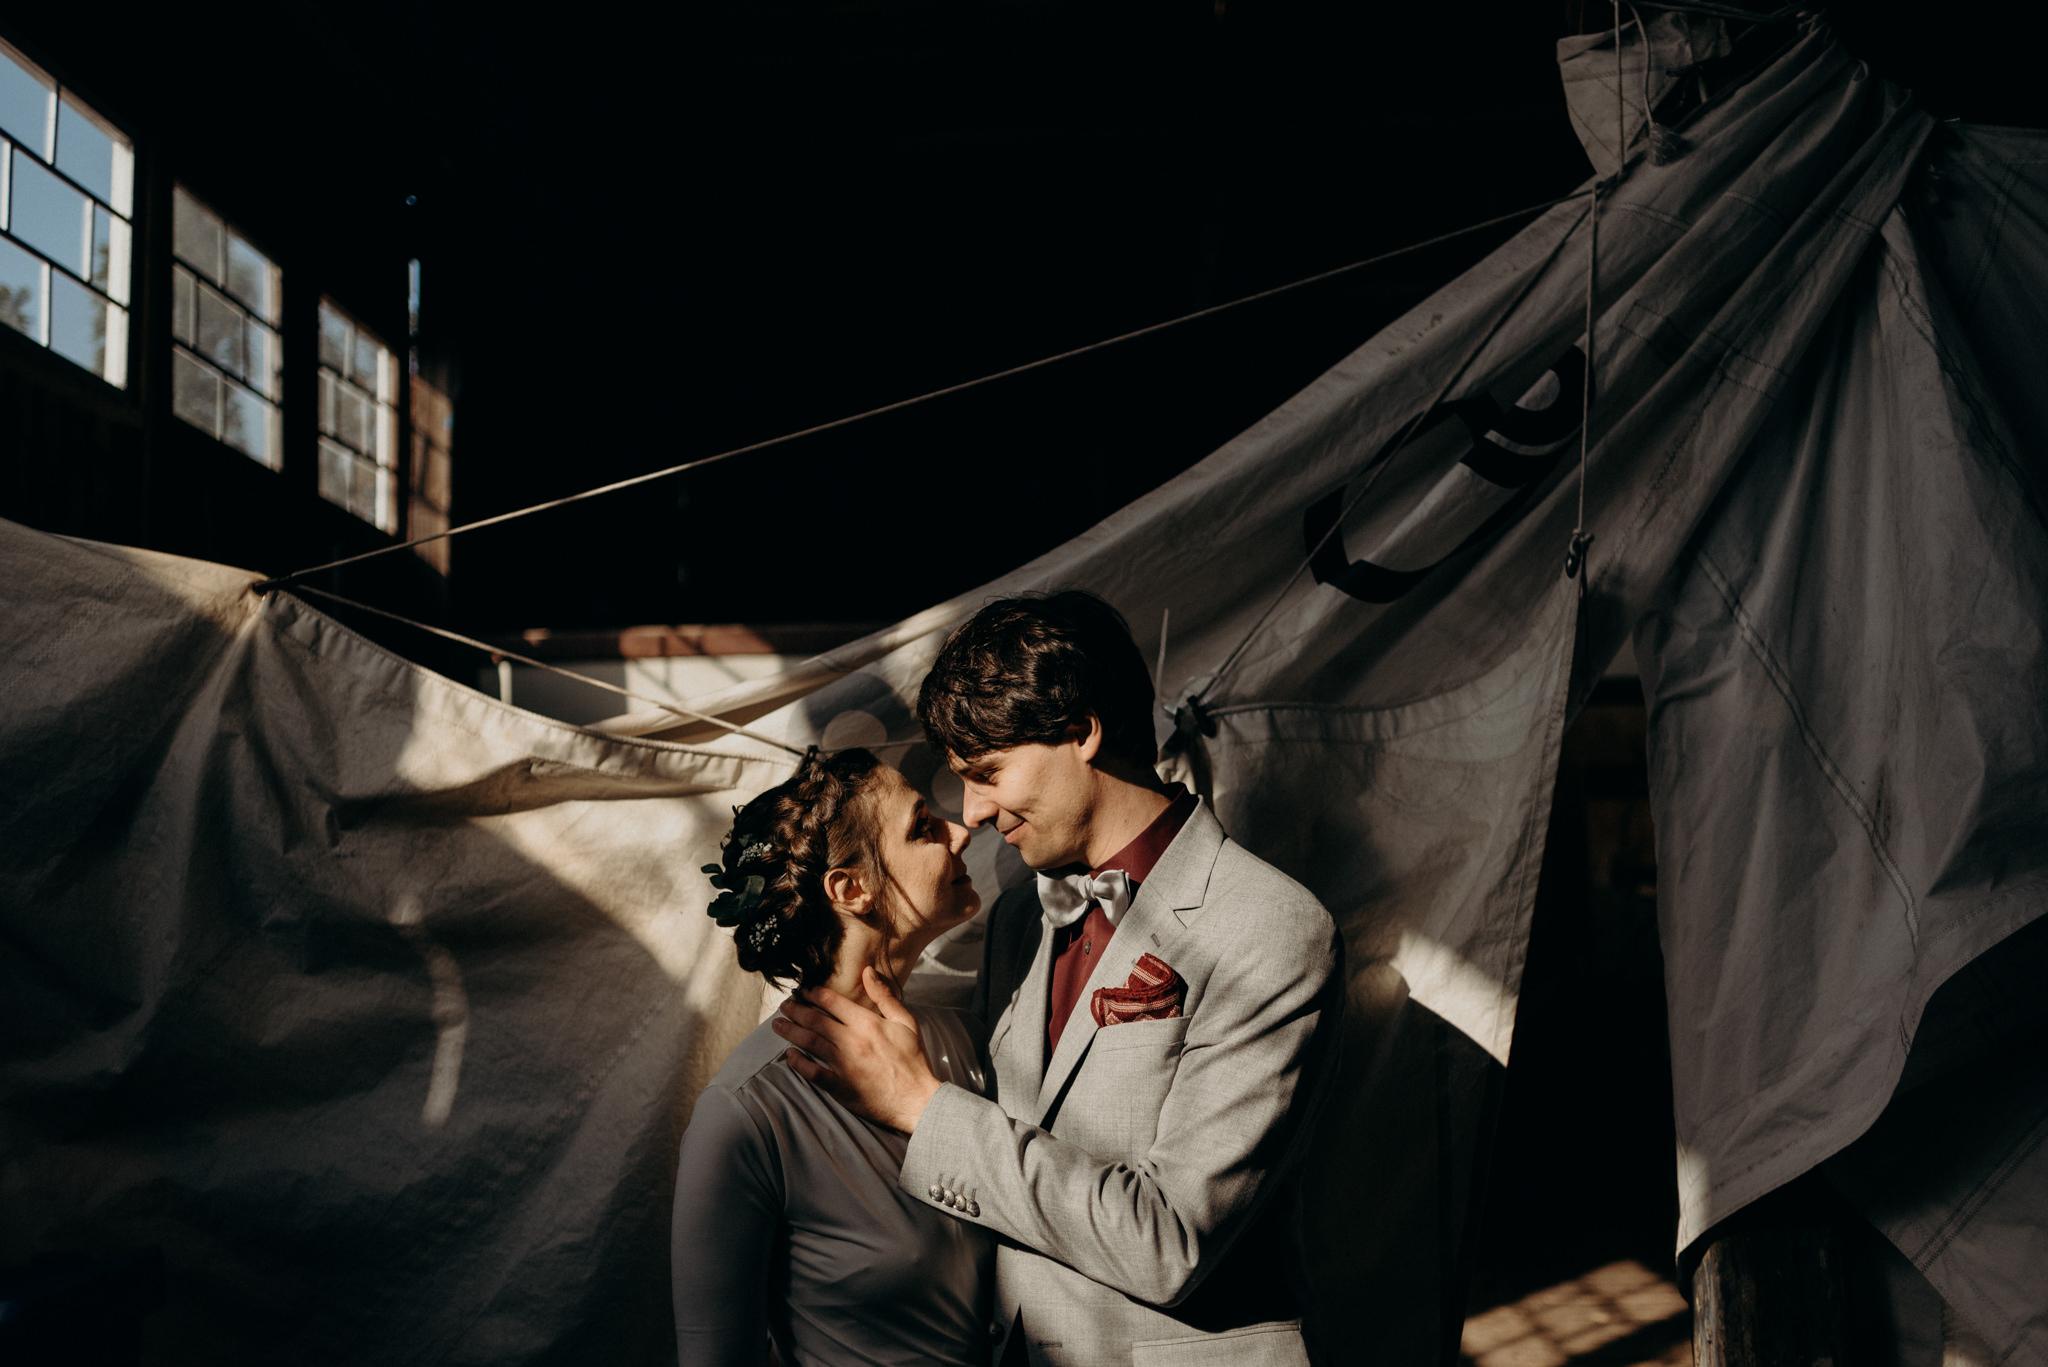 Valkosaaren Telakka wedding